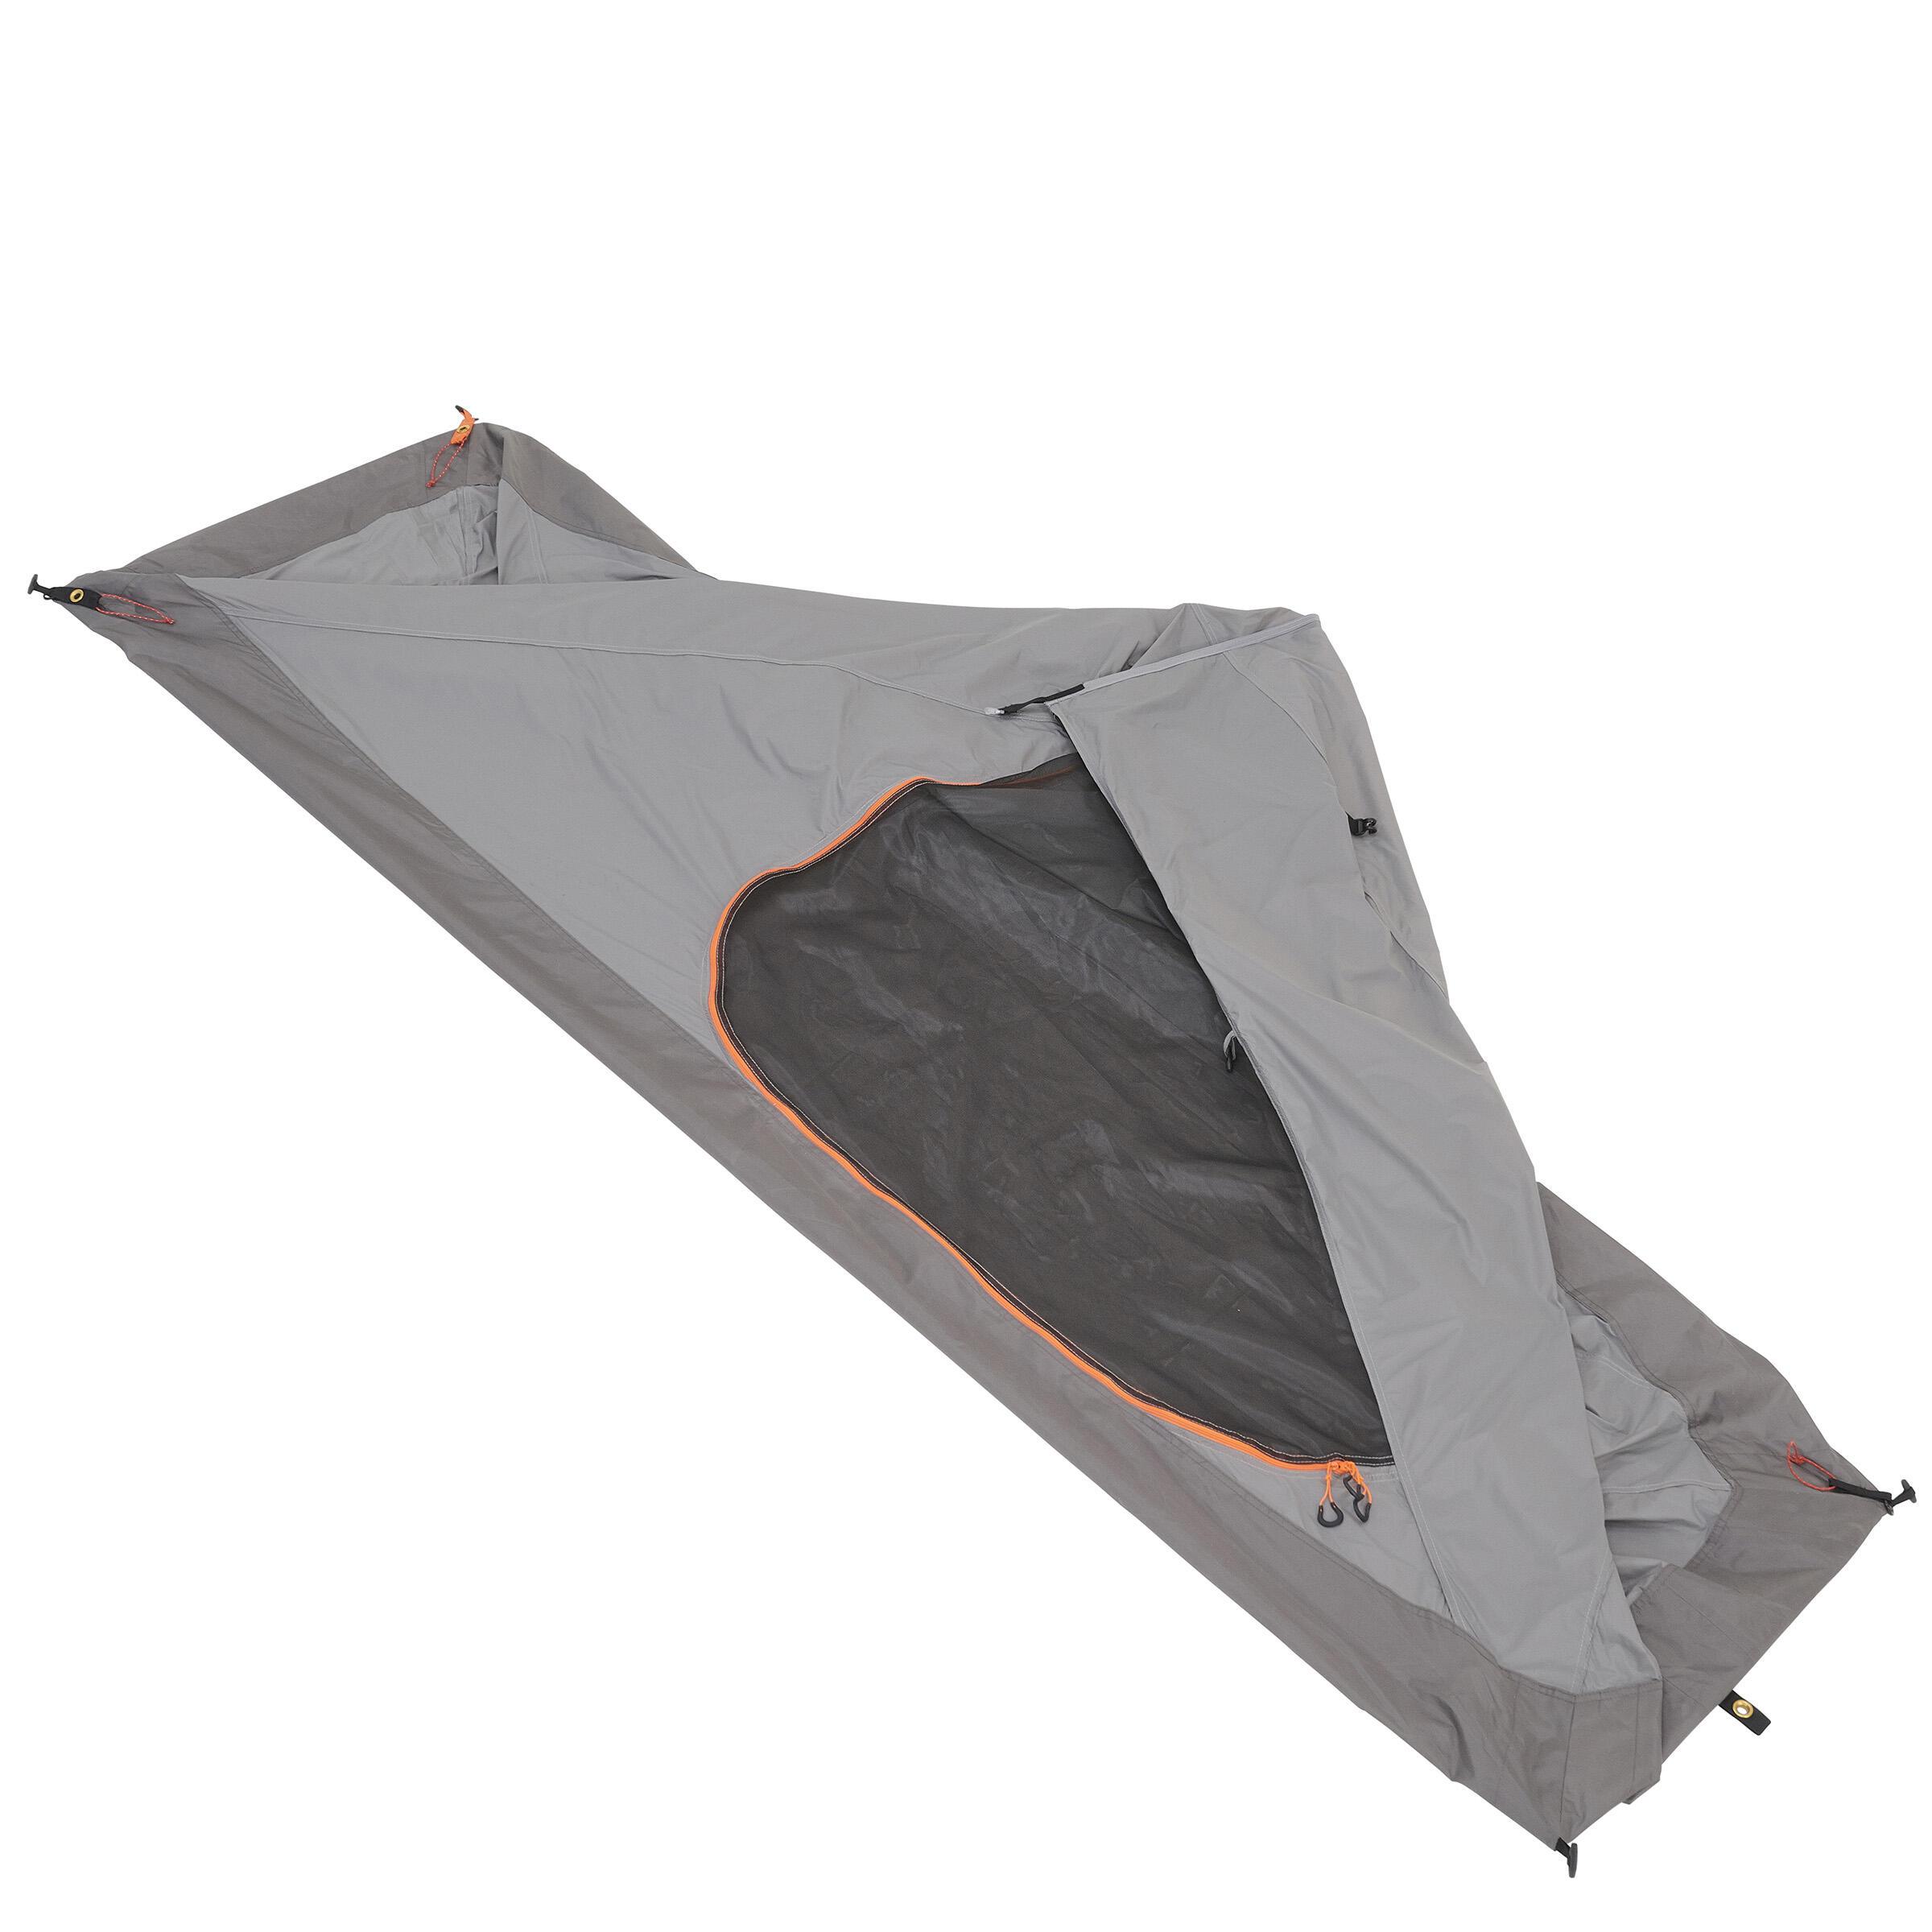 TREK900 trekking tent ultralight 1 person grey